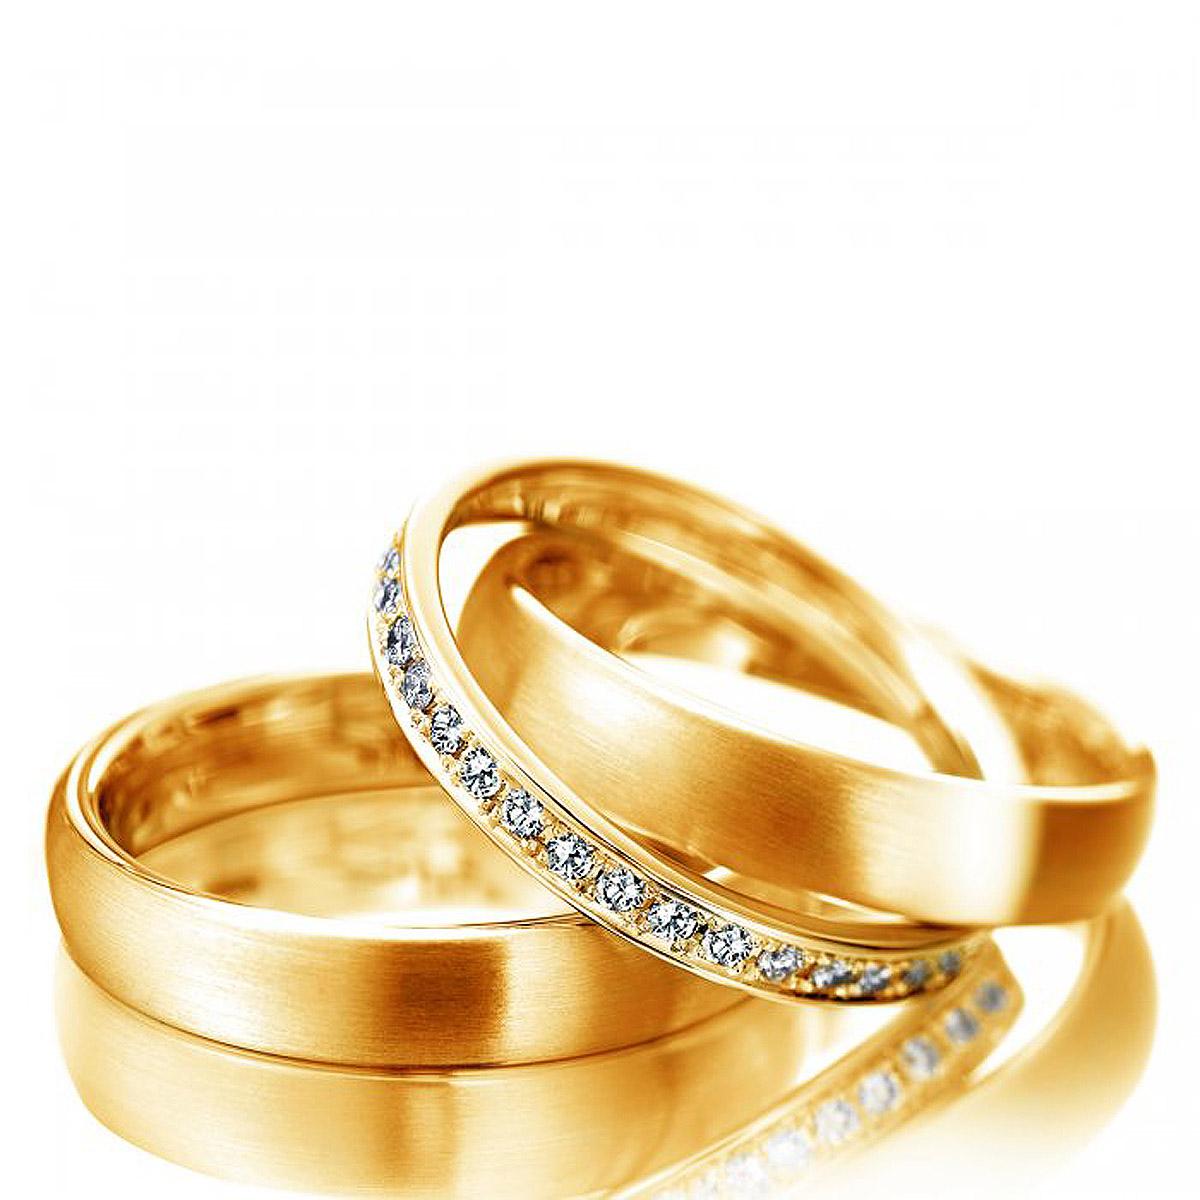 Aliança Tradicional Fina Solta com Diamantes de Casamento e Noivado